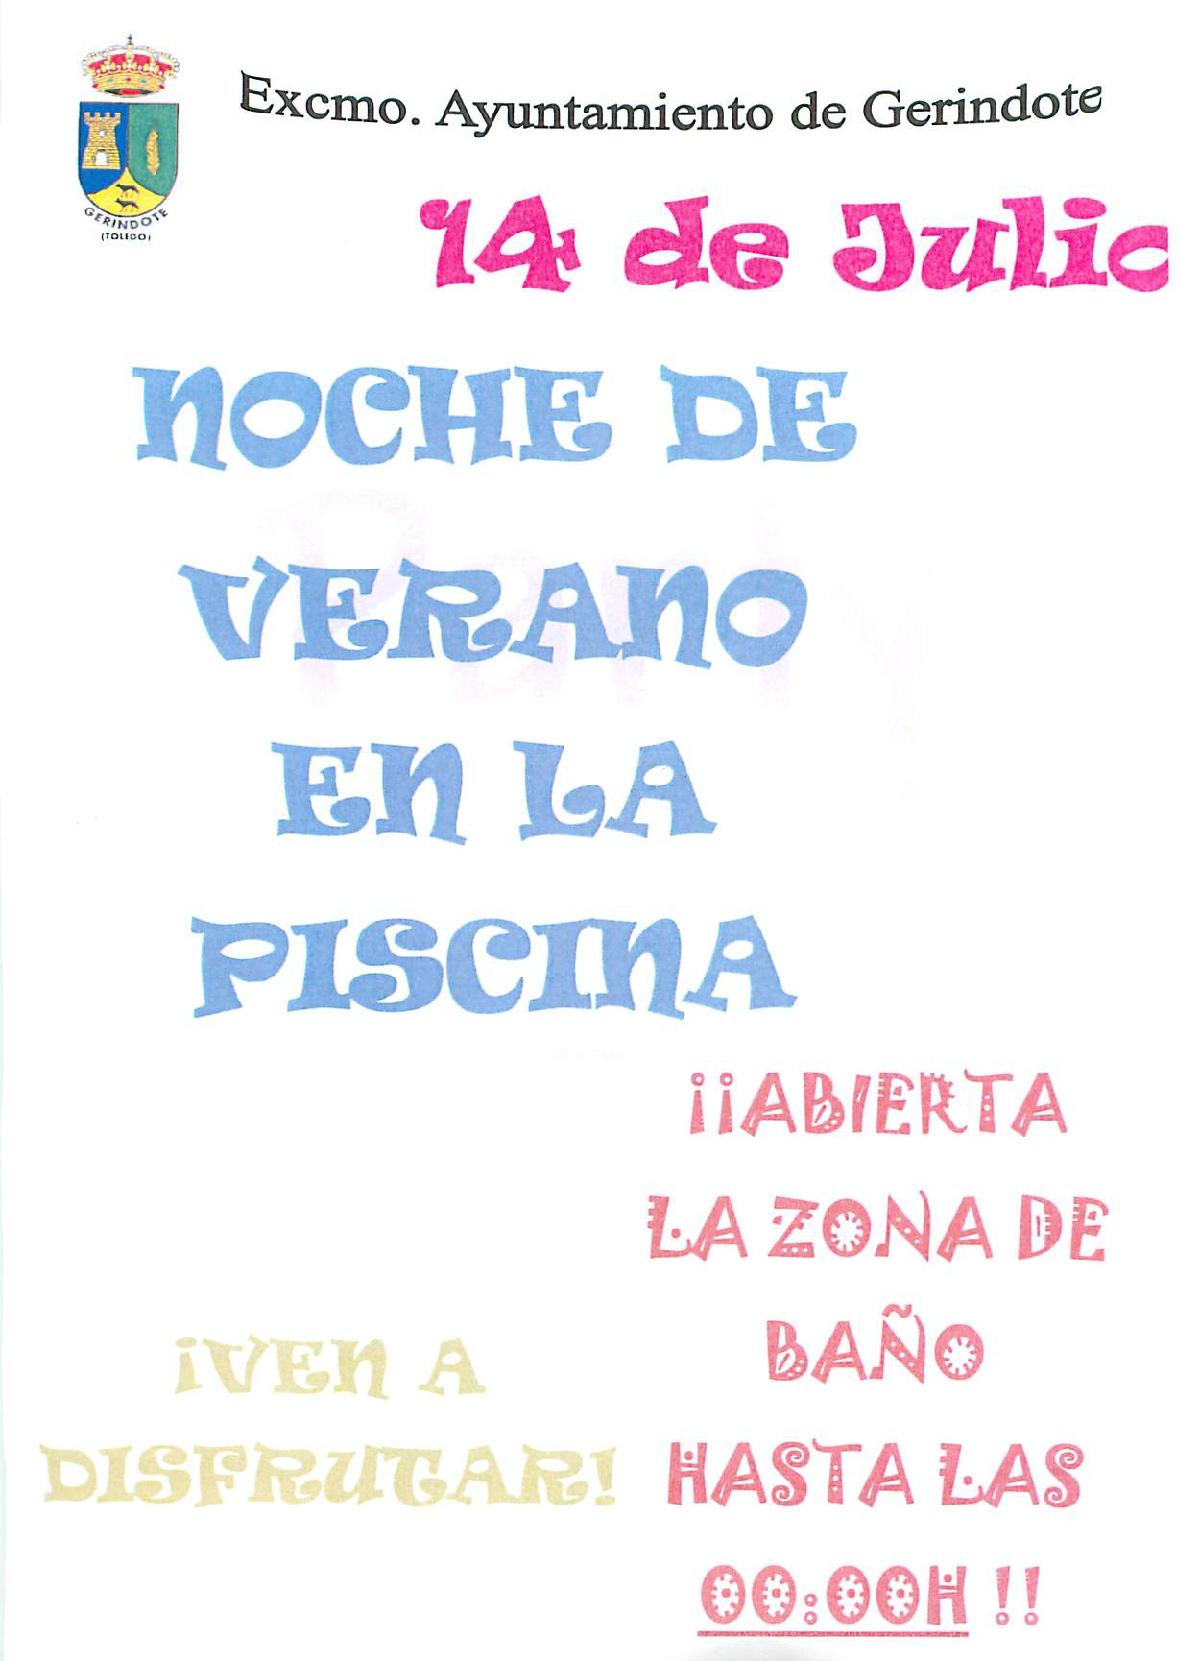 NOCHE DE VERANO-001